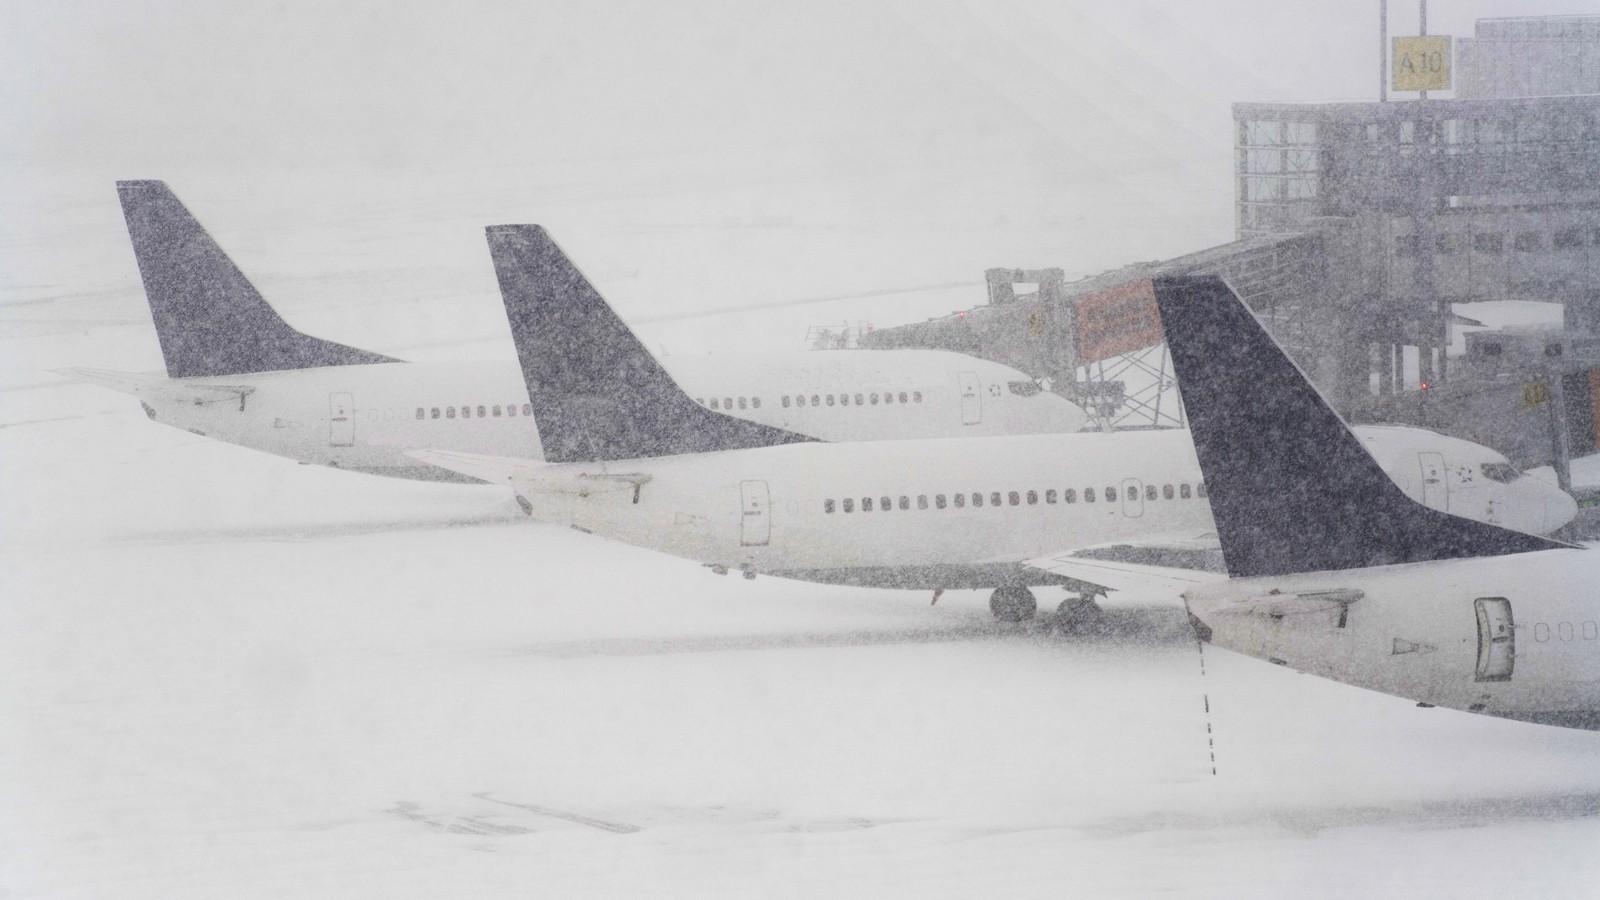 Неменее 20 рейсов отменены ваэропортах столицы